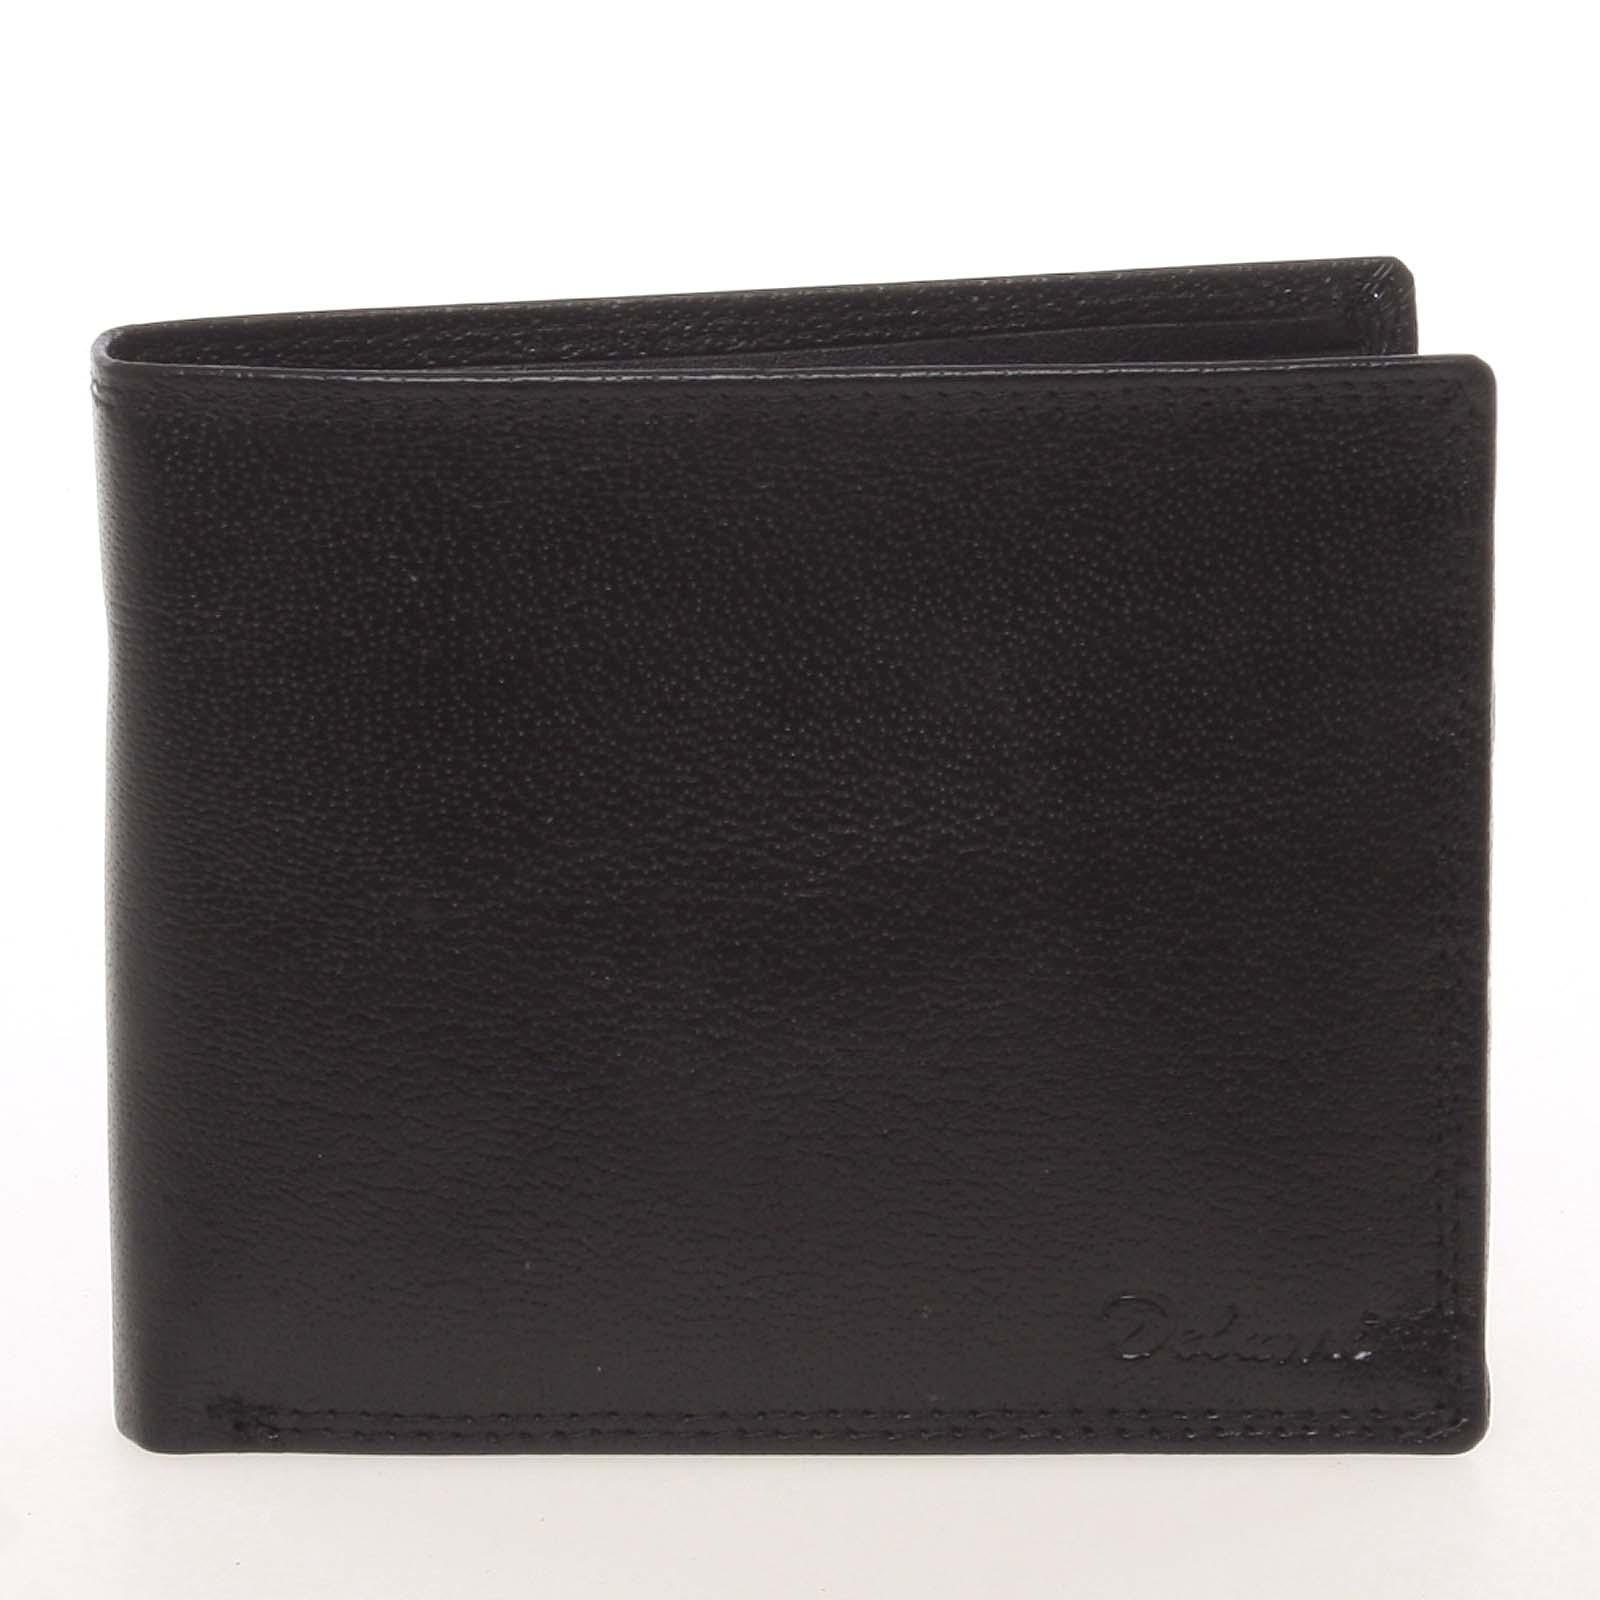 Kožená elegantní černá peněženka pro muže - Delami Gaillard